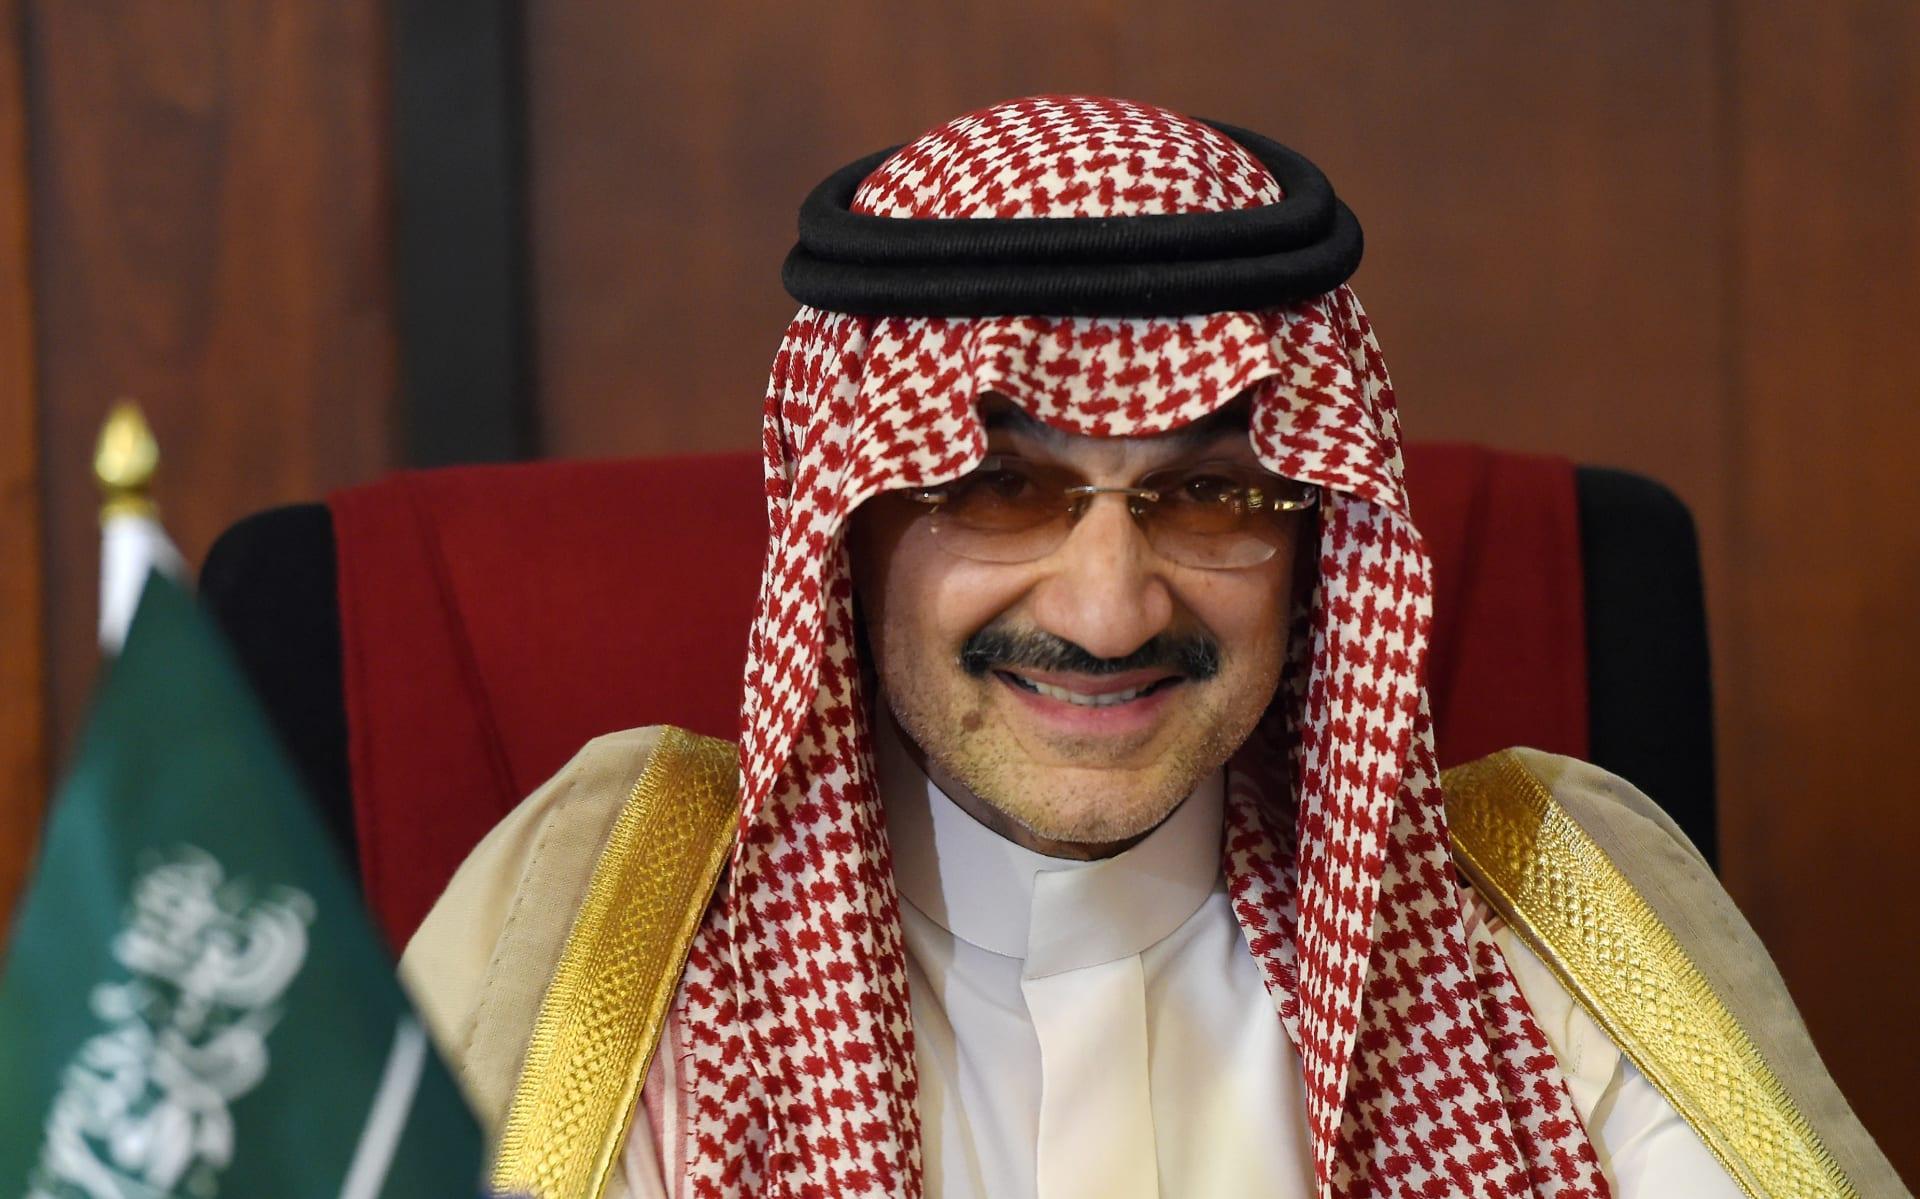 كريم تحصل 200 مليون دولار تمويلات.. والوليد بن طلال أبرز المستثمرين